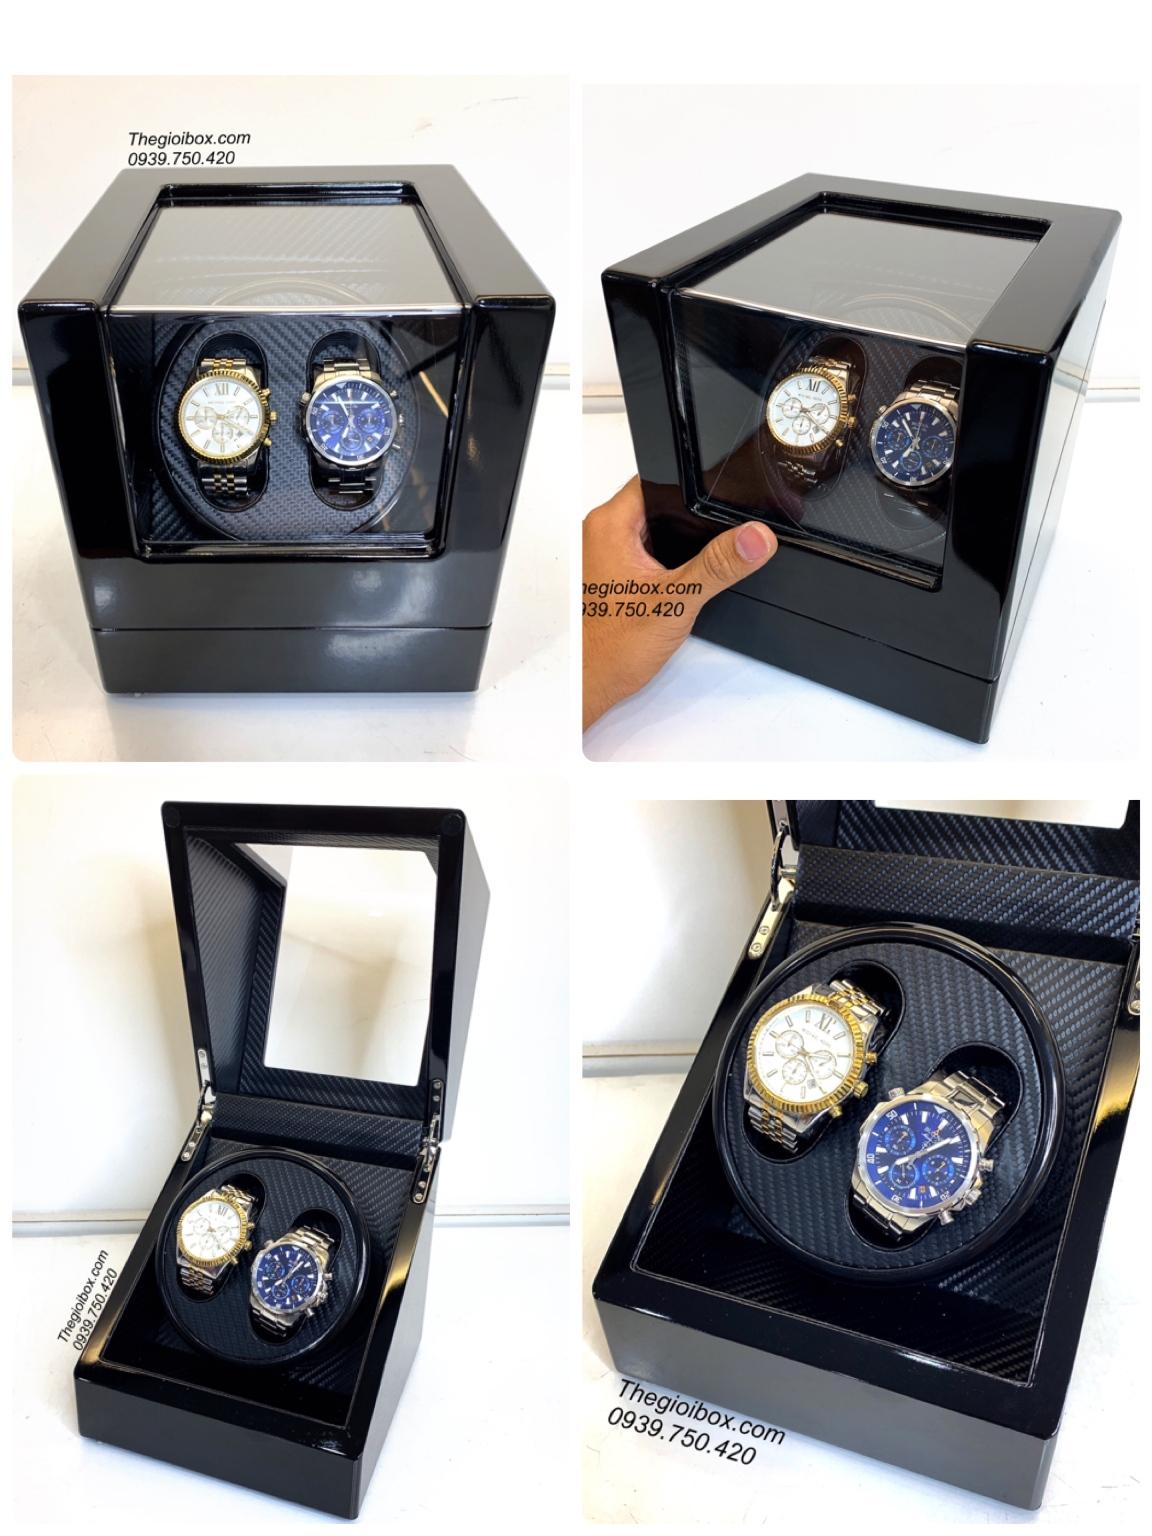 hộp xoay đồng hồ cơ 2 cái có pin vỏ gỗ màu đen giá rẻ